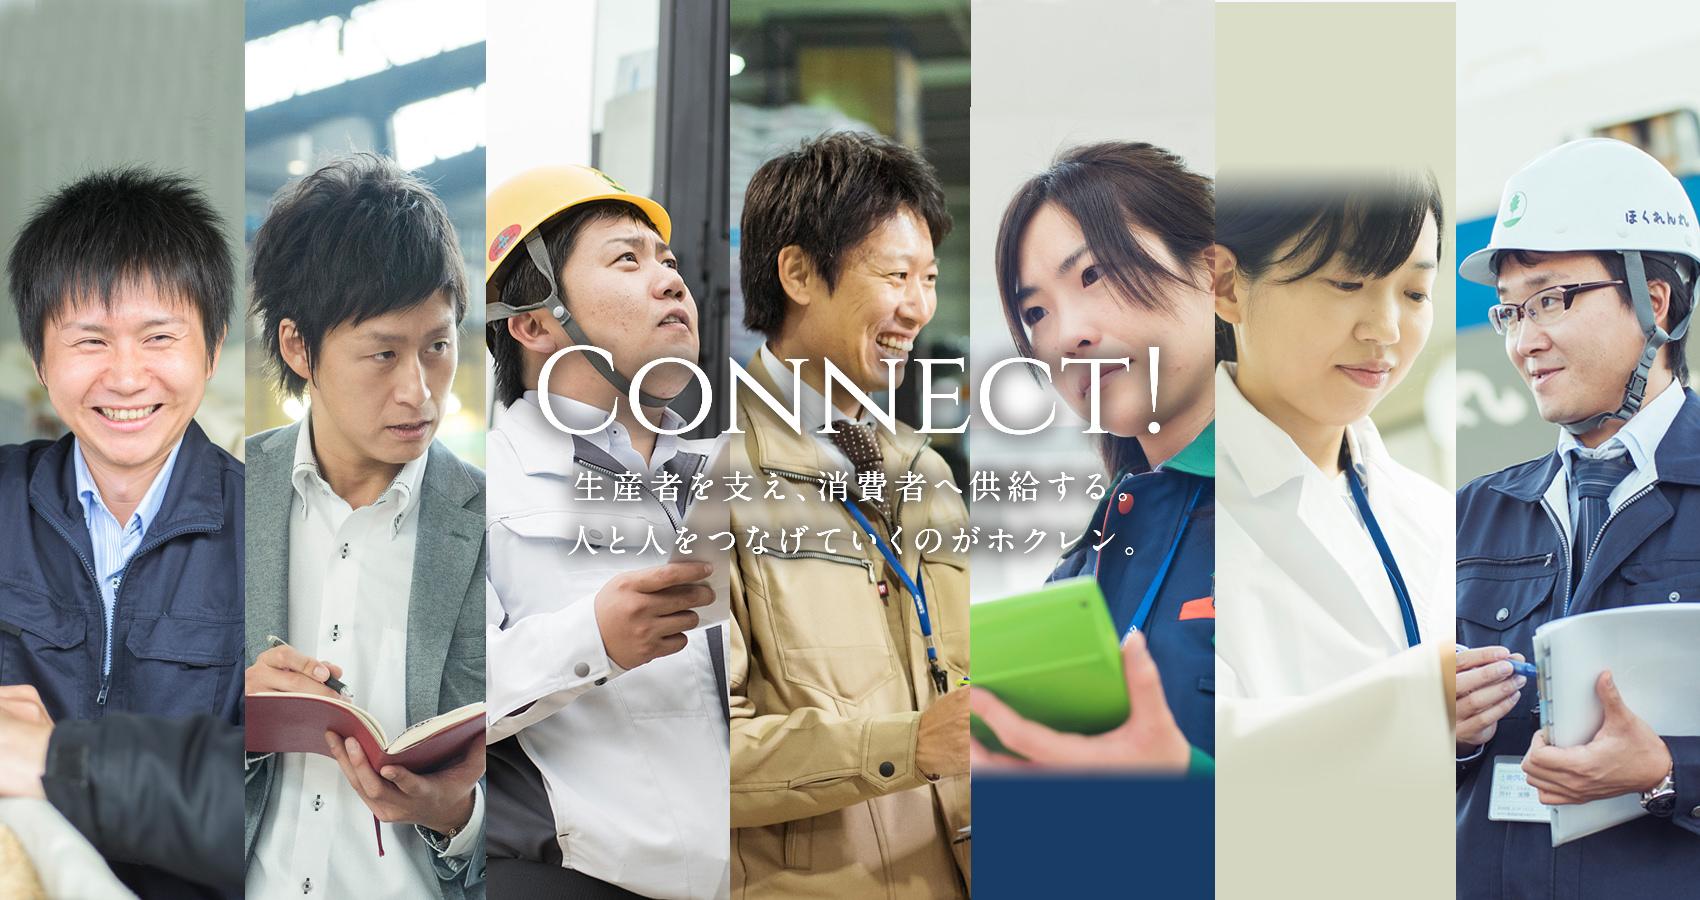 CONNECT! 生産者を支え、消費者へ供給する。人と人をつなげていくのがホクレン。